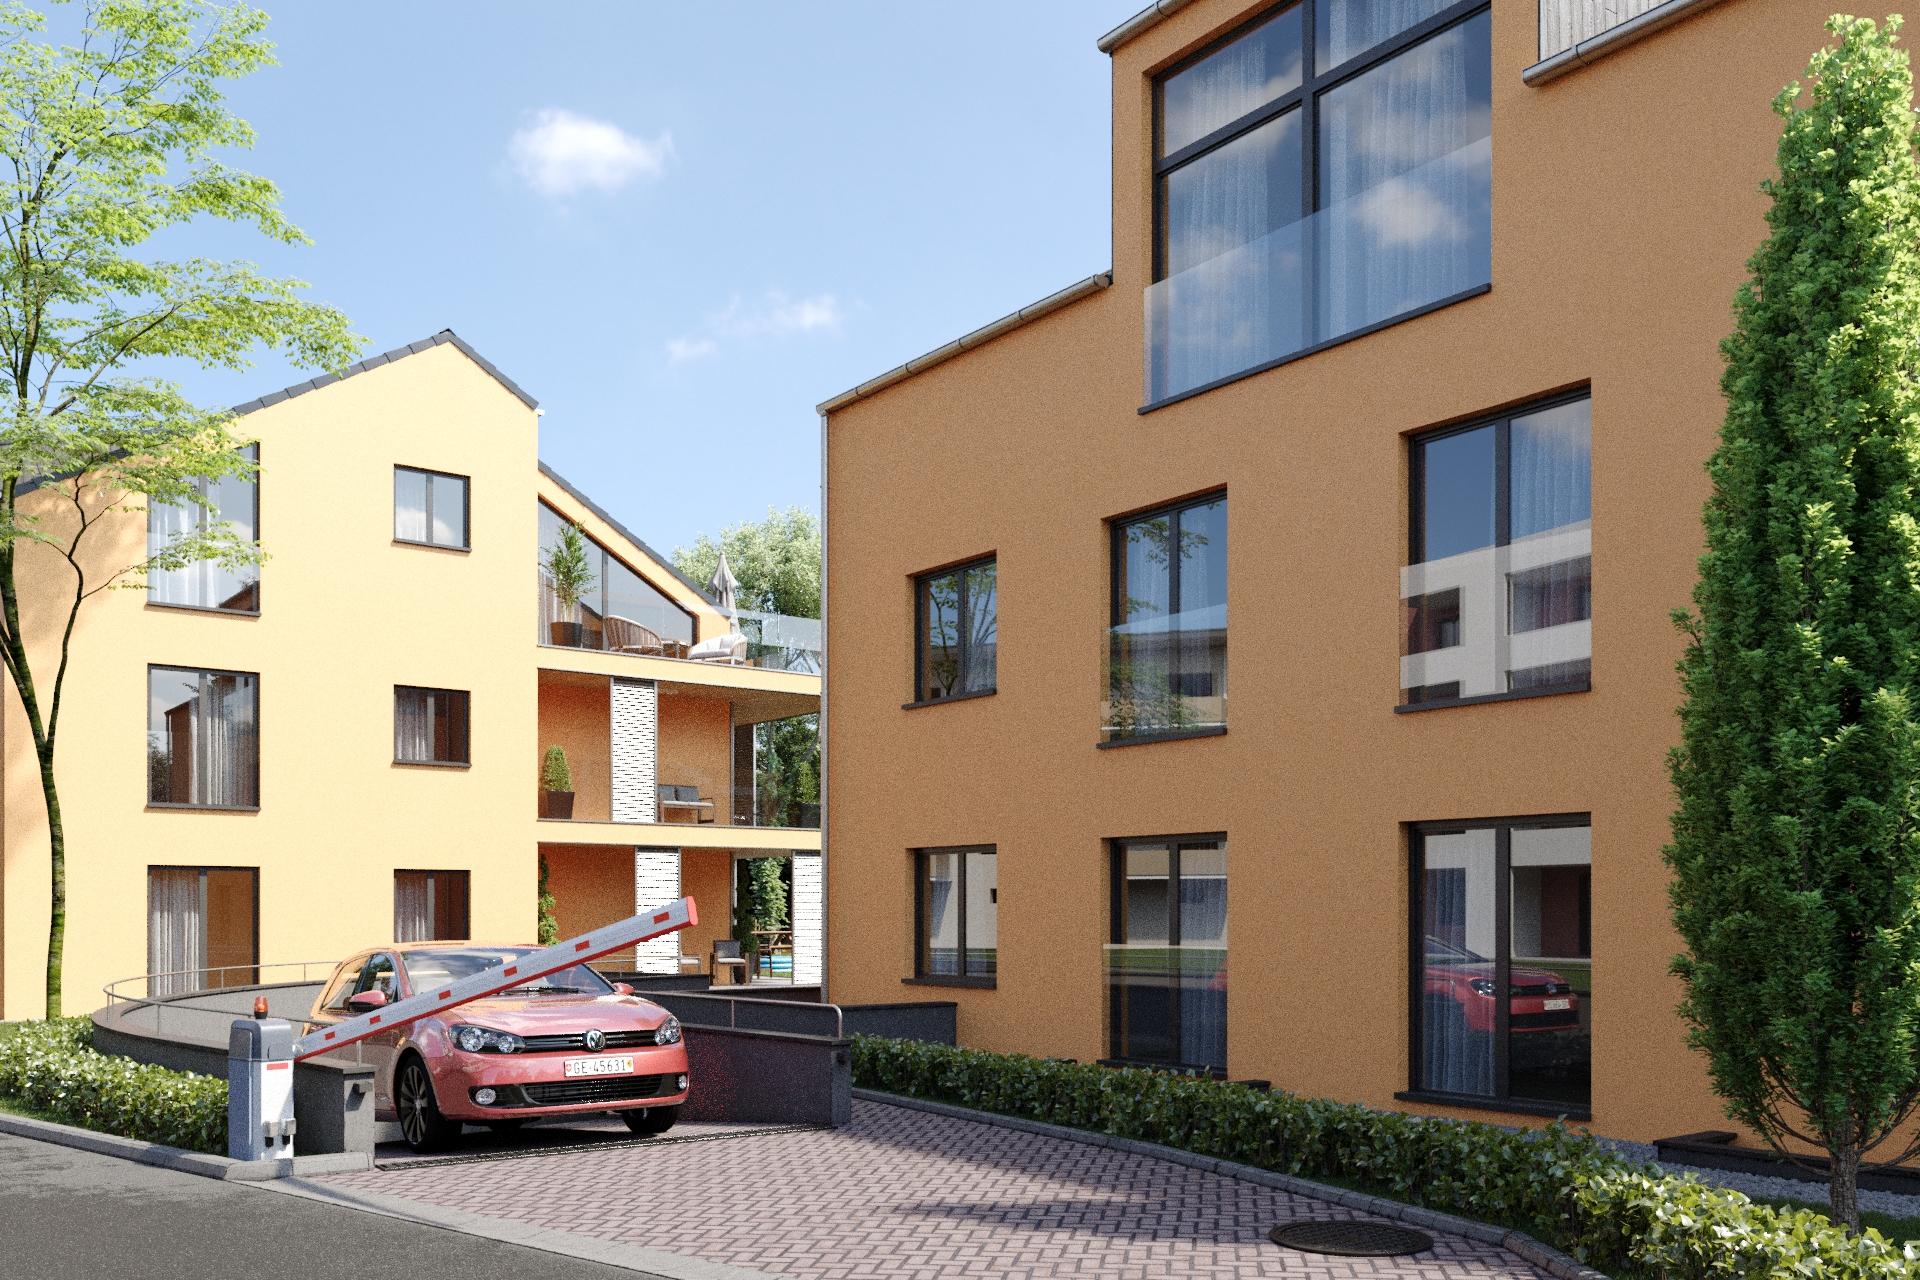 Grosszügige 3.5 bis 5.5 Zimmer Eigentumwohnung in Othmarsingen